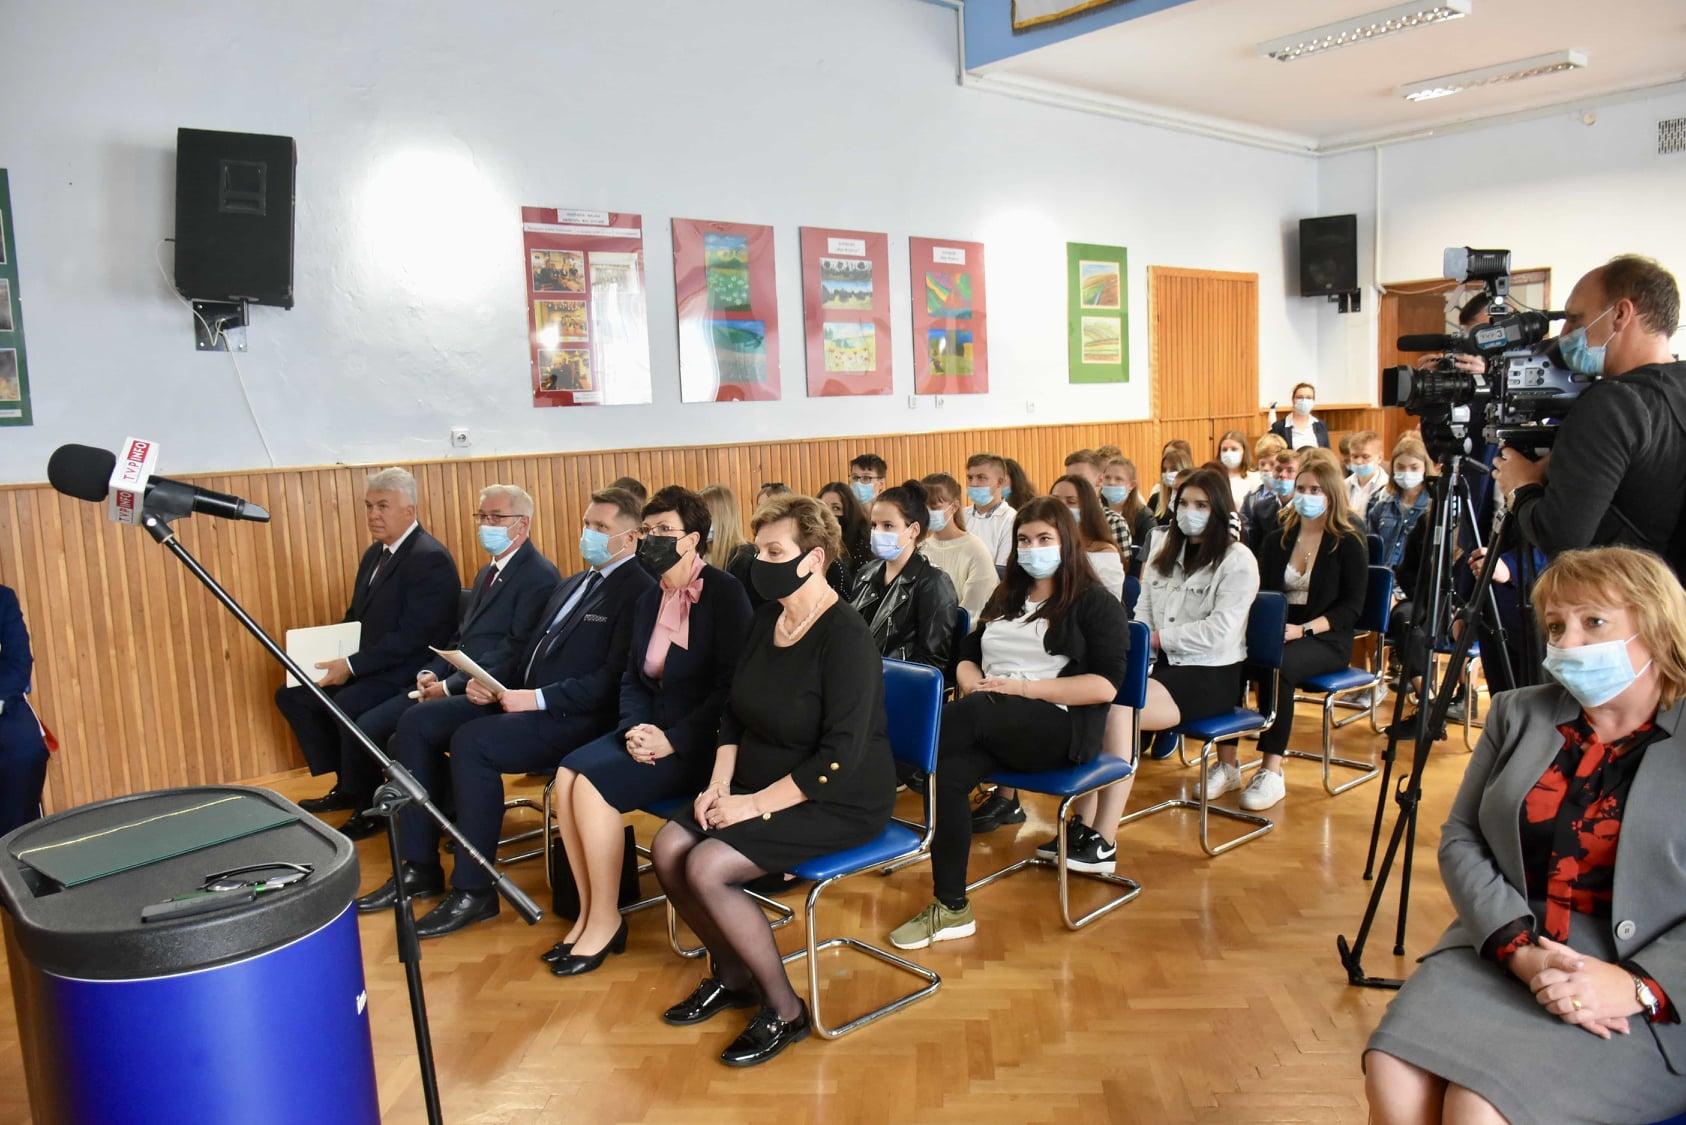 242699320 119313717134424 3582450930361915367 n Wizyta ministra Przemysława Czarnka w Branżowej Szkole w Szczebrzeszynie